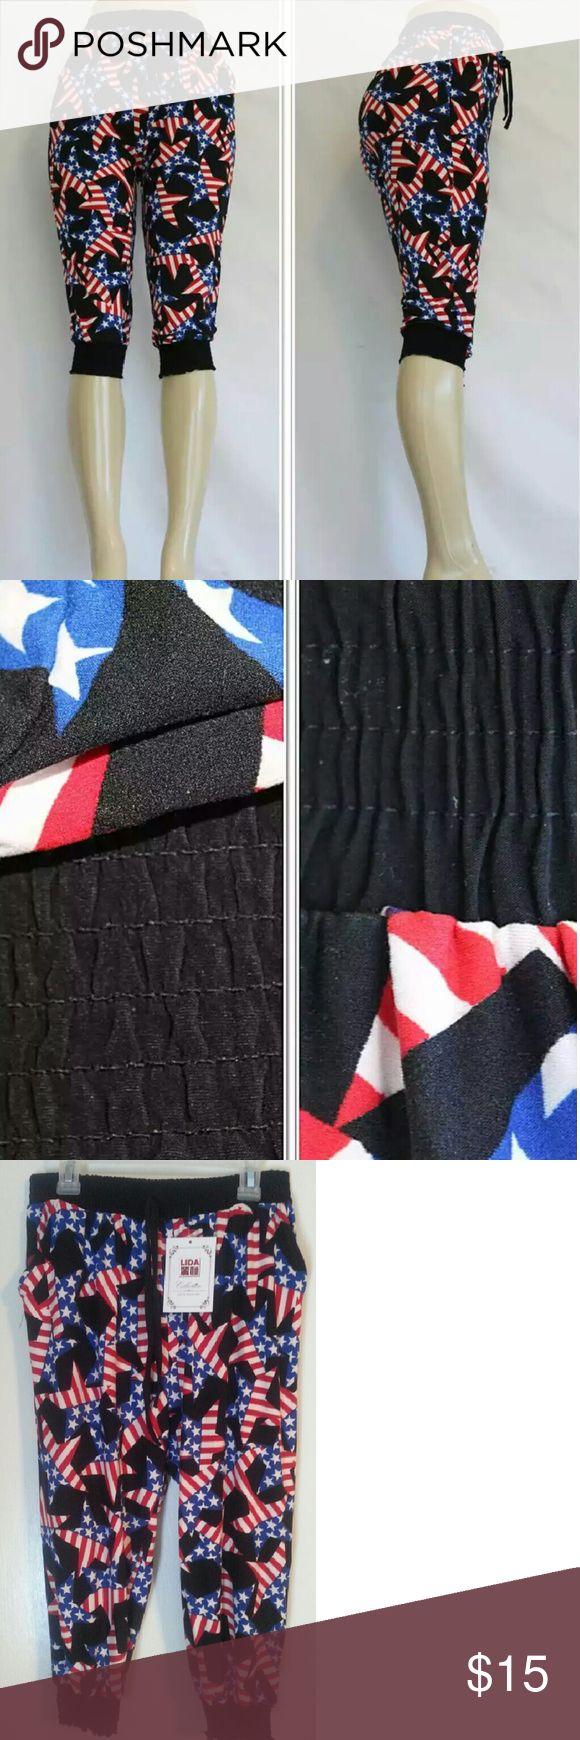 X SOLD X NWT CAPRI JOGGER FOR WOMEN Fashion Capri Jogger Leggings American Flag Print Patriotic Start Tripes  Two Front Pocket Lida Pants Track Pants & Joggers